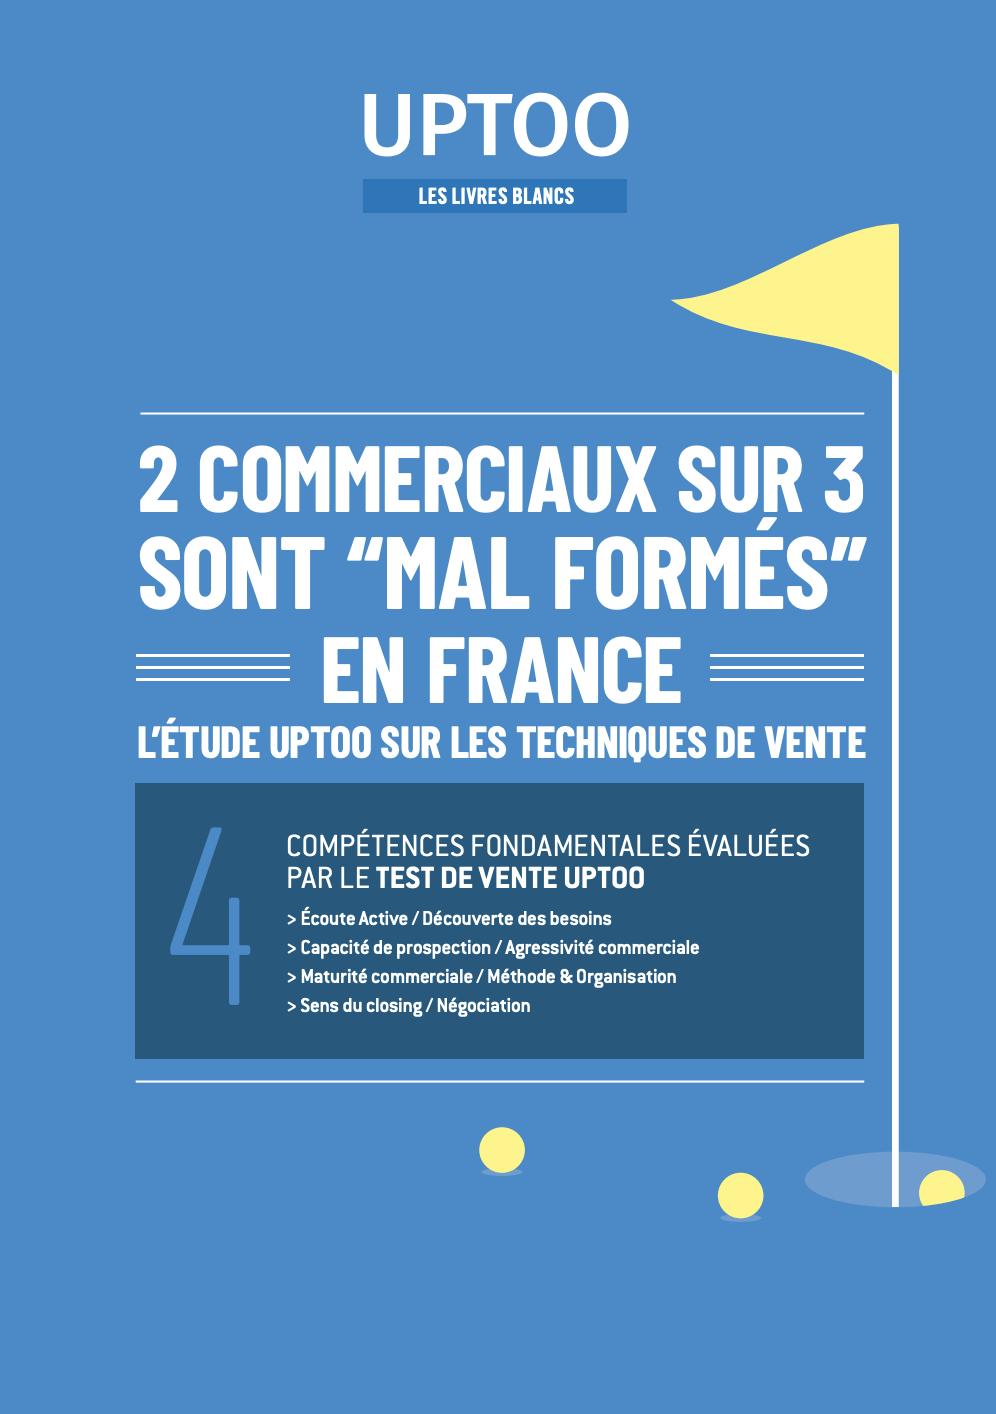 formation des commerciaux en France